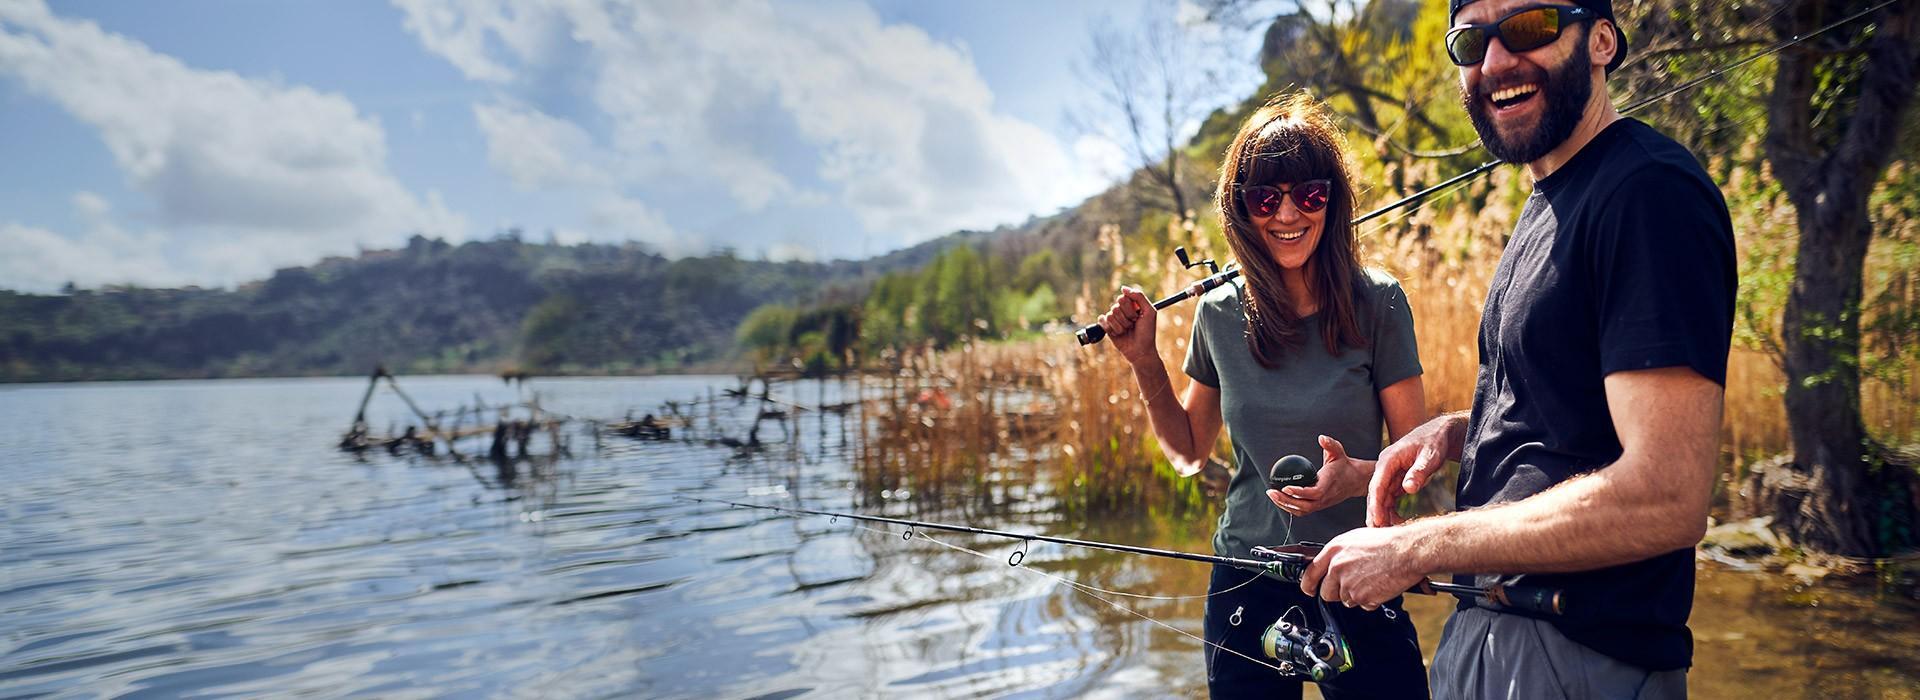 Pak uw vishengel en geniet van de natuur in België!Deeper-Sonar vanaf € 189,99